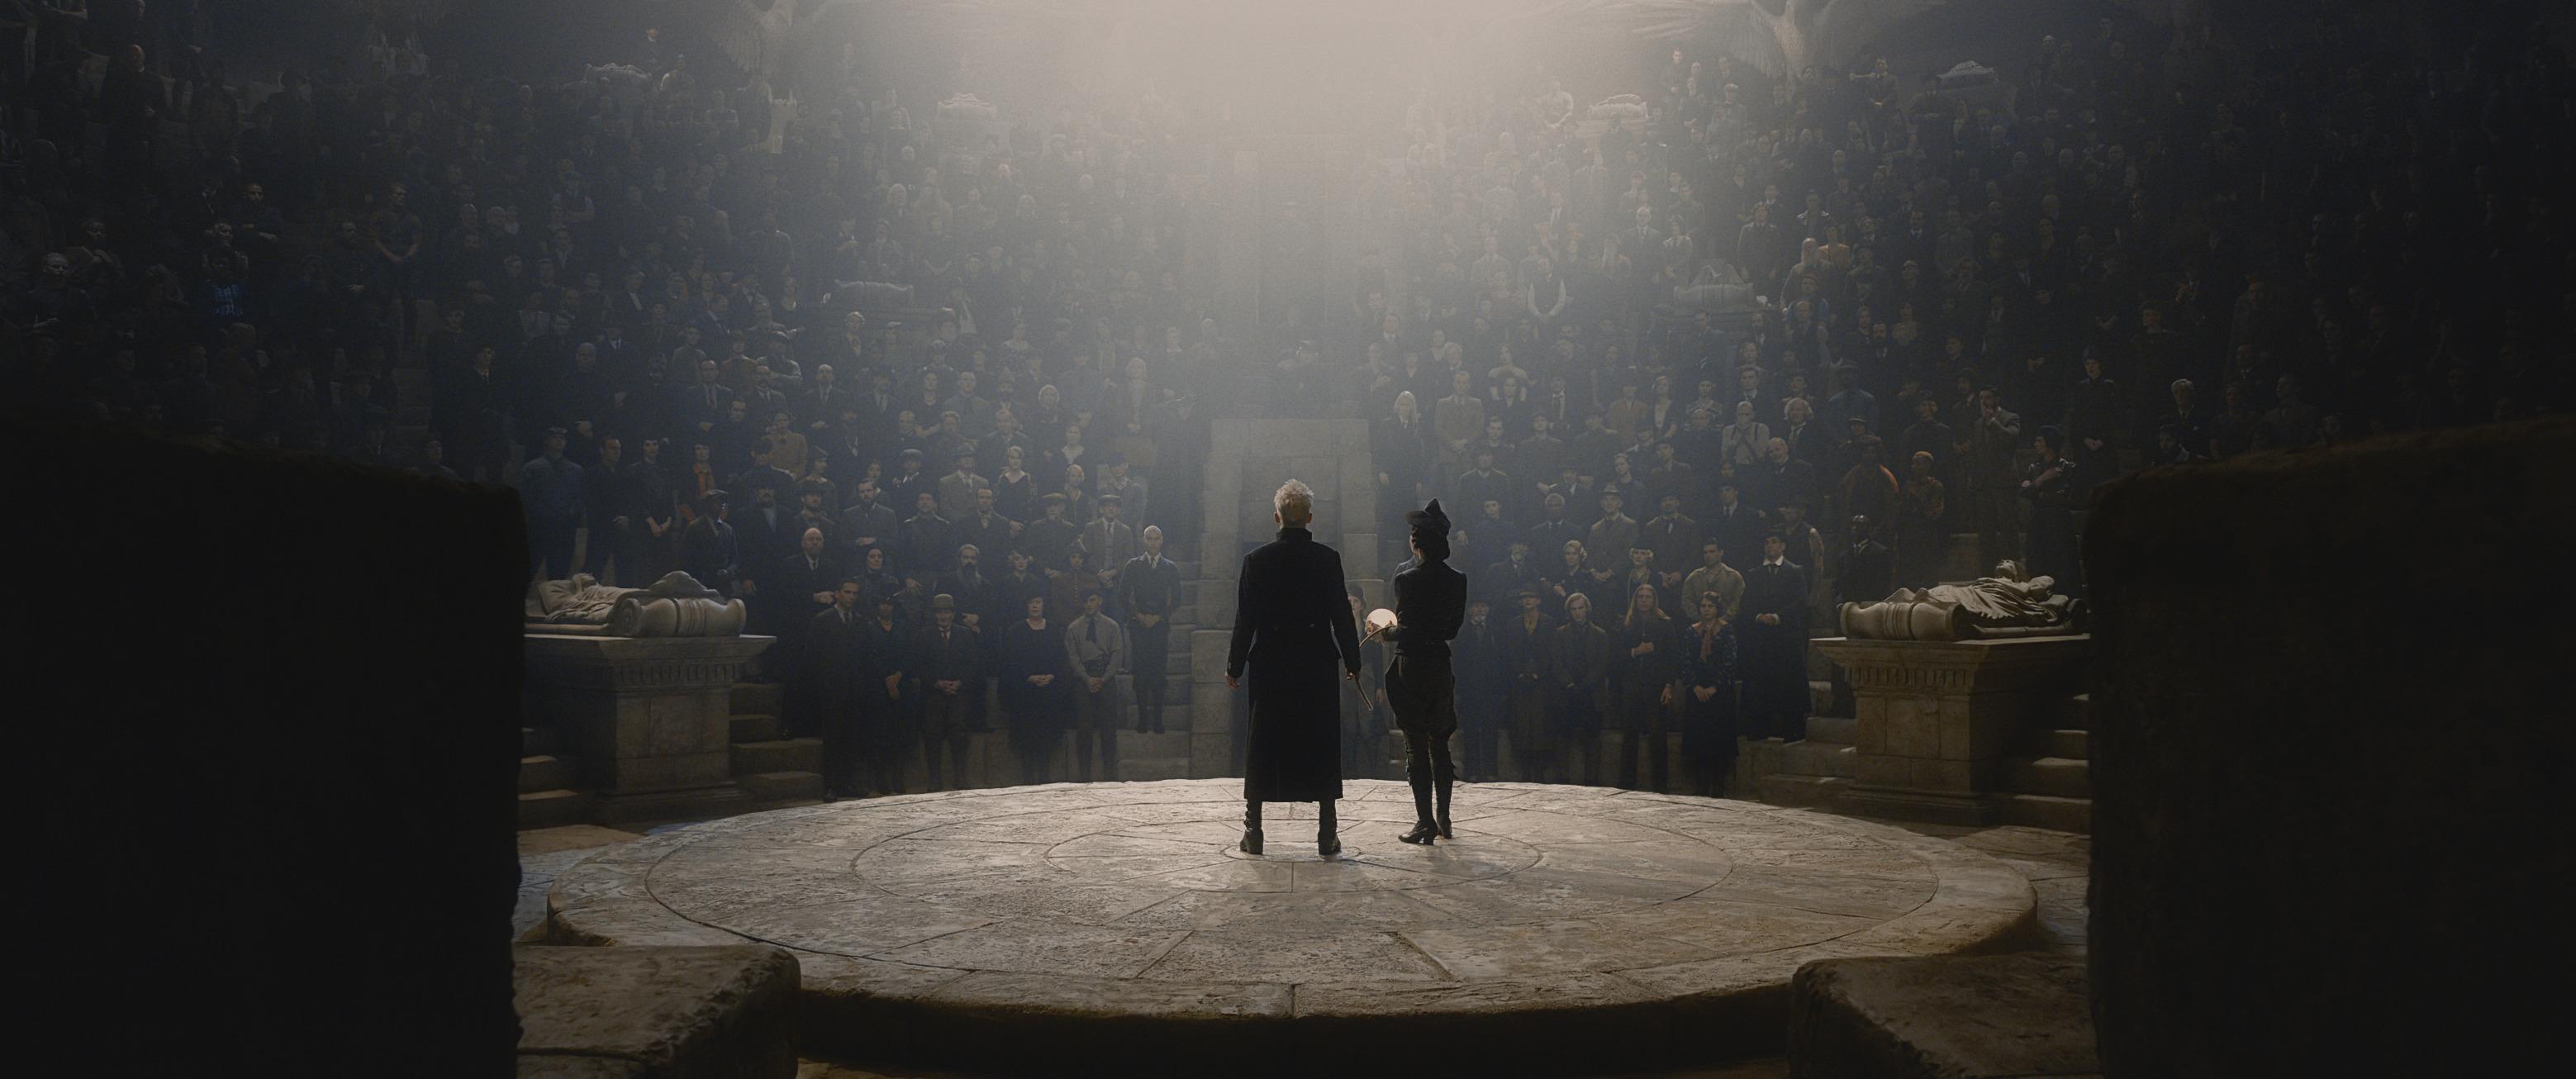 Potterish :: Harry Potter, o Ickabog, Animais Fantásticos e JK Rowling 12 segredos e teorias do trailer de Animais Fantásticos: Os Crimes de Grindelwald